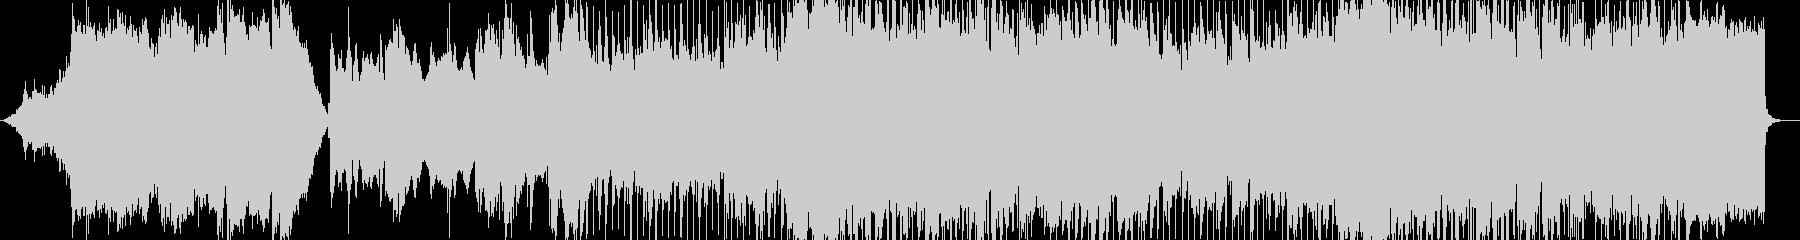 抒情的なメロディを奏でるシンセサイザーの未再生の波形